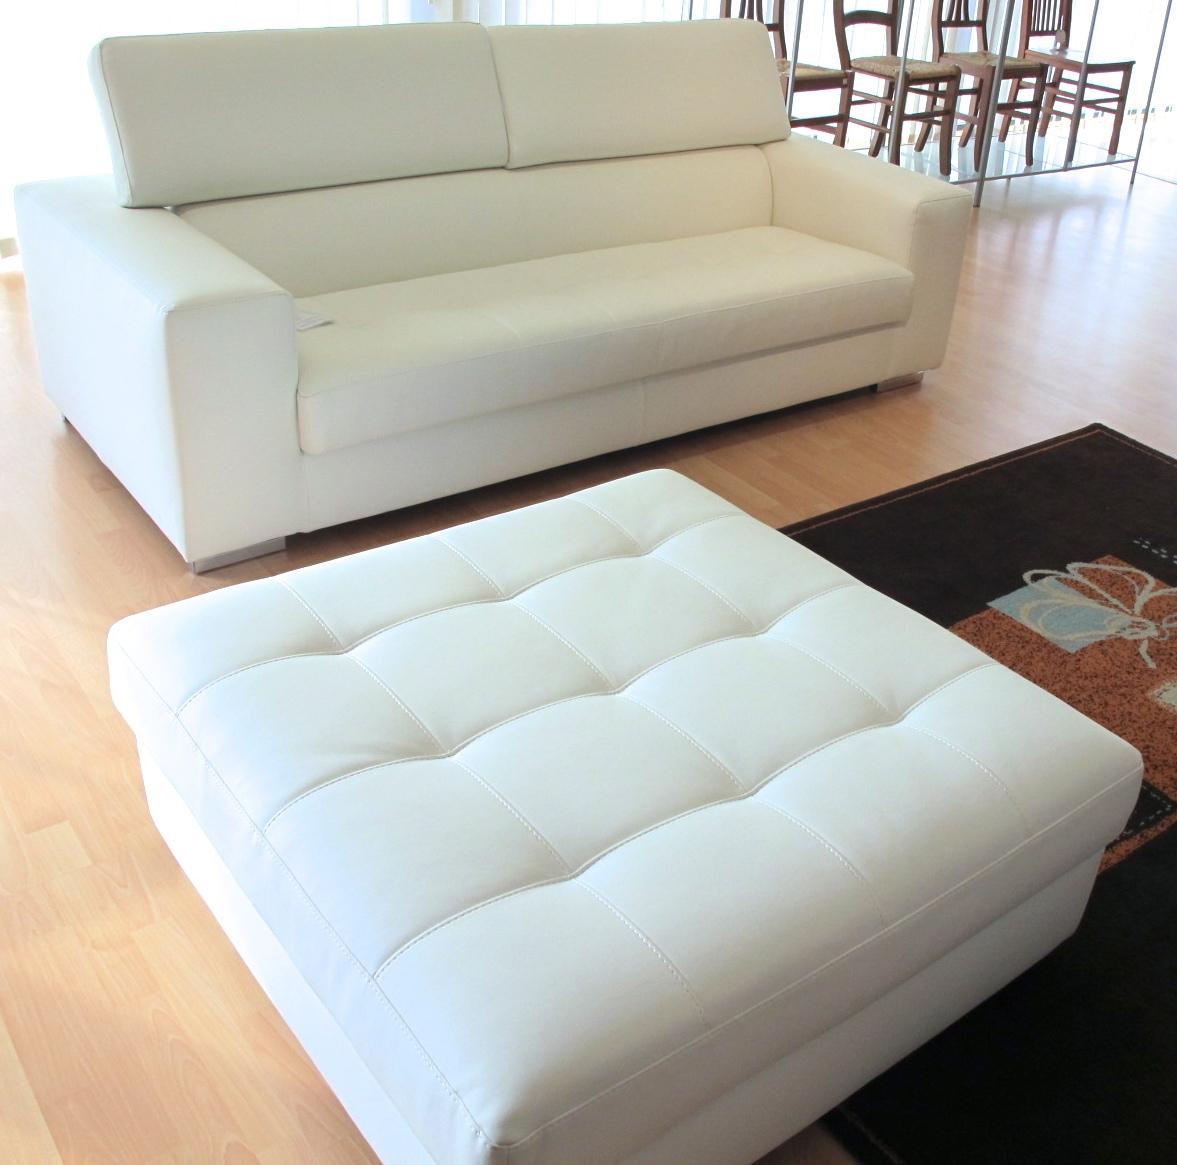 Divano letto posti ecopelle bianco divano letto eleonora bianco nero ecopelle posti divano - Divano bianco ecopelle ...